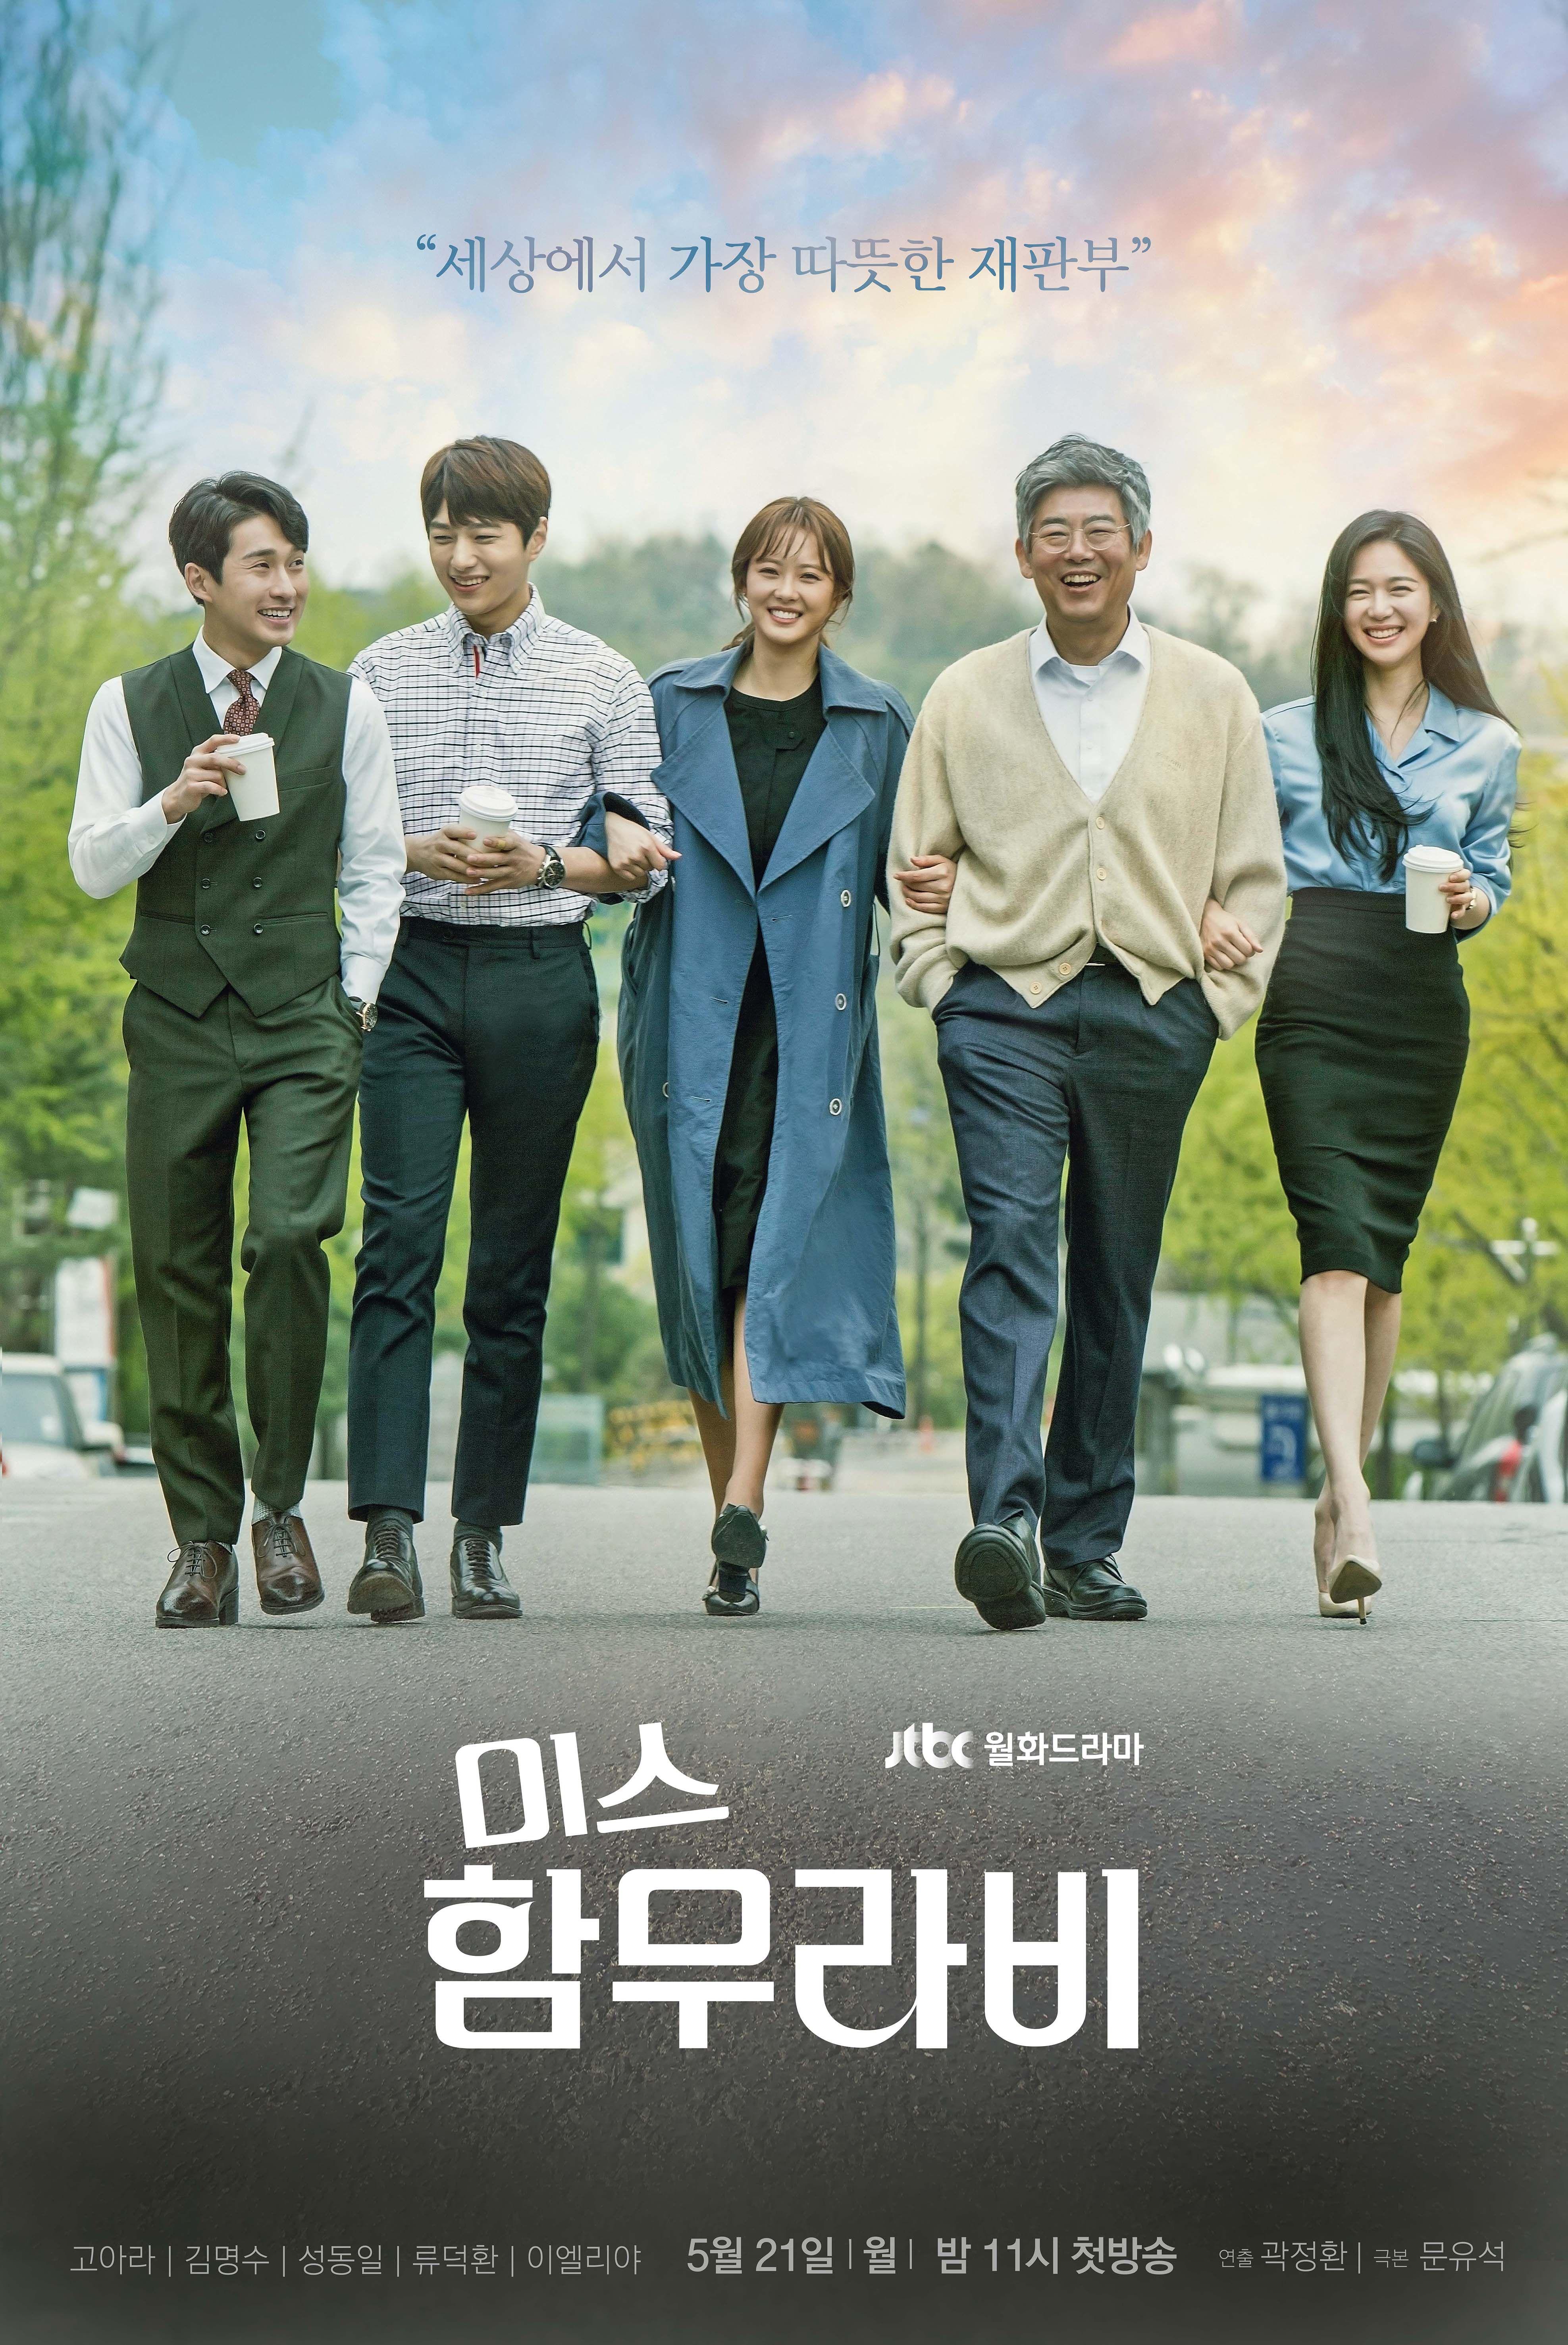 Miss Hammurabi Dramas 2019 영화 포스터 드라마 및 한국